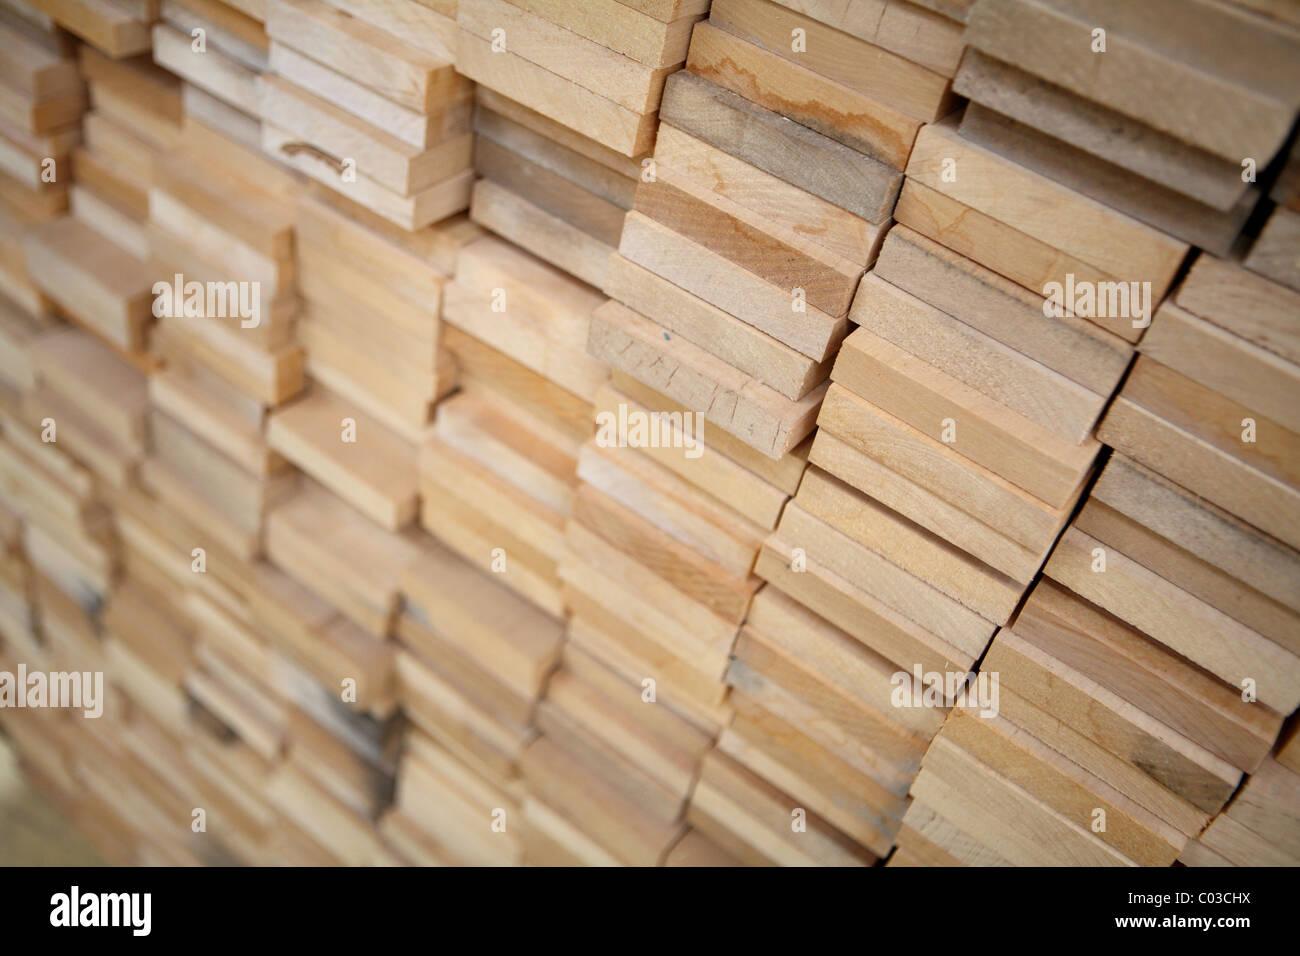 Los tablones de madera apiladas Imagen De Stock